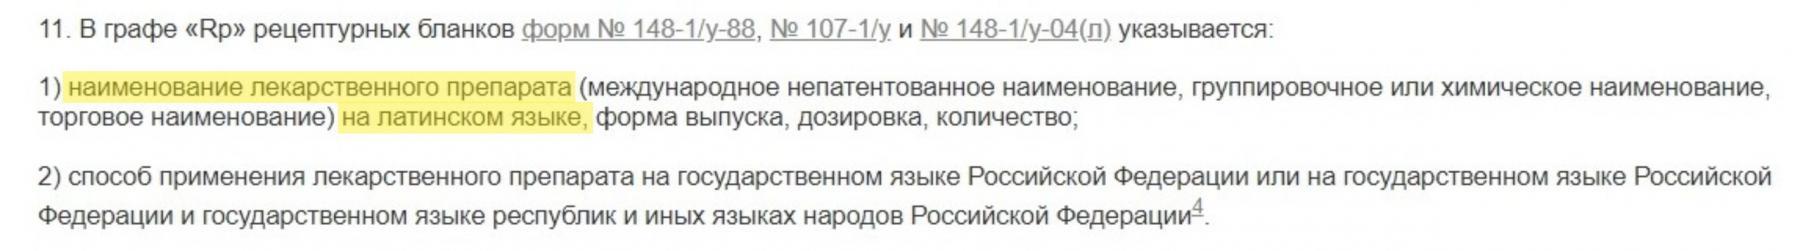 Фото Латынь или русский: аптеки Новосибирска перестали продавать лекарства по «неправильным» рецептам 3